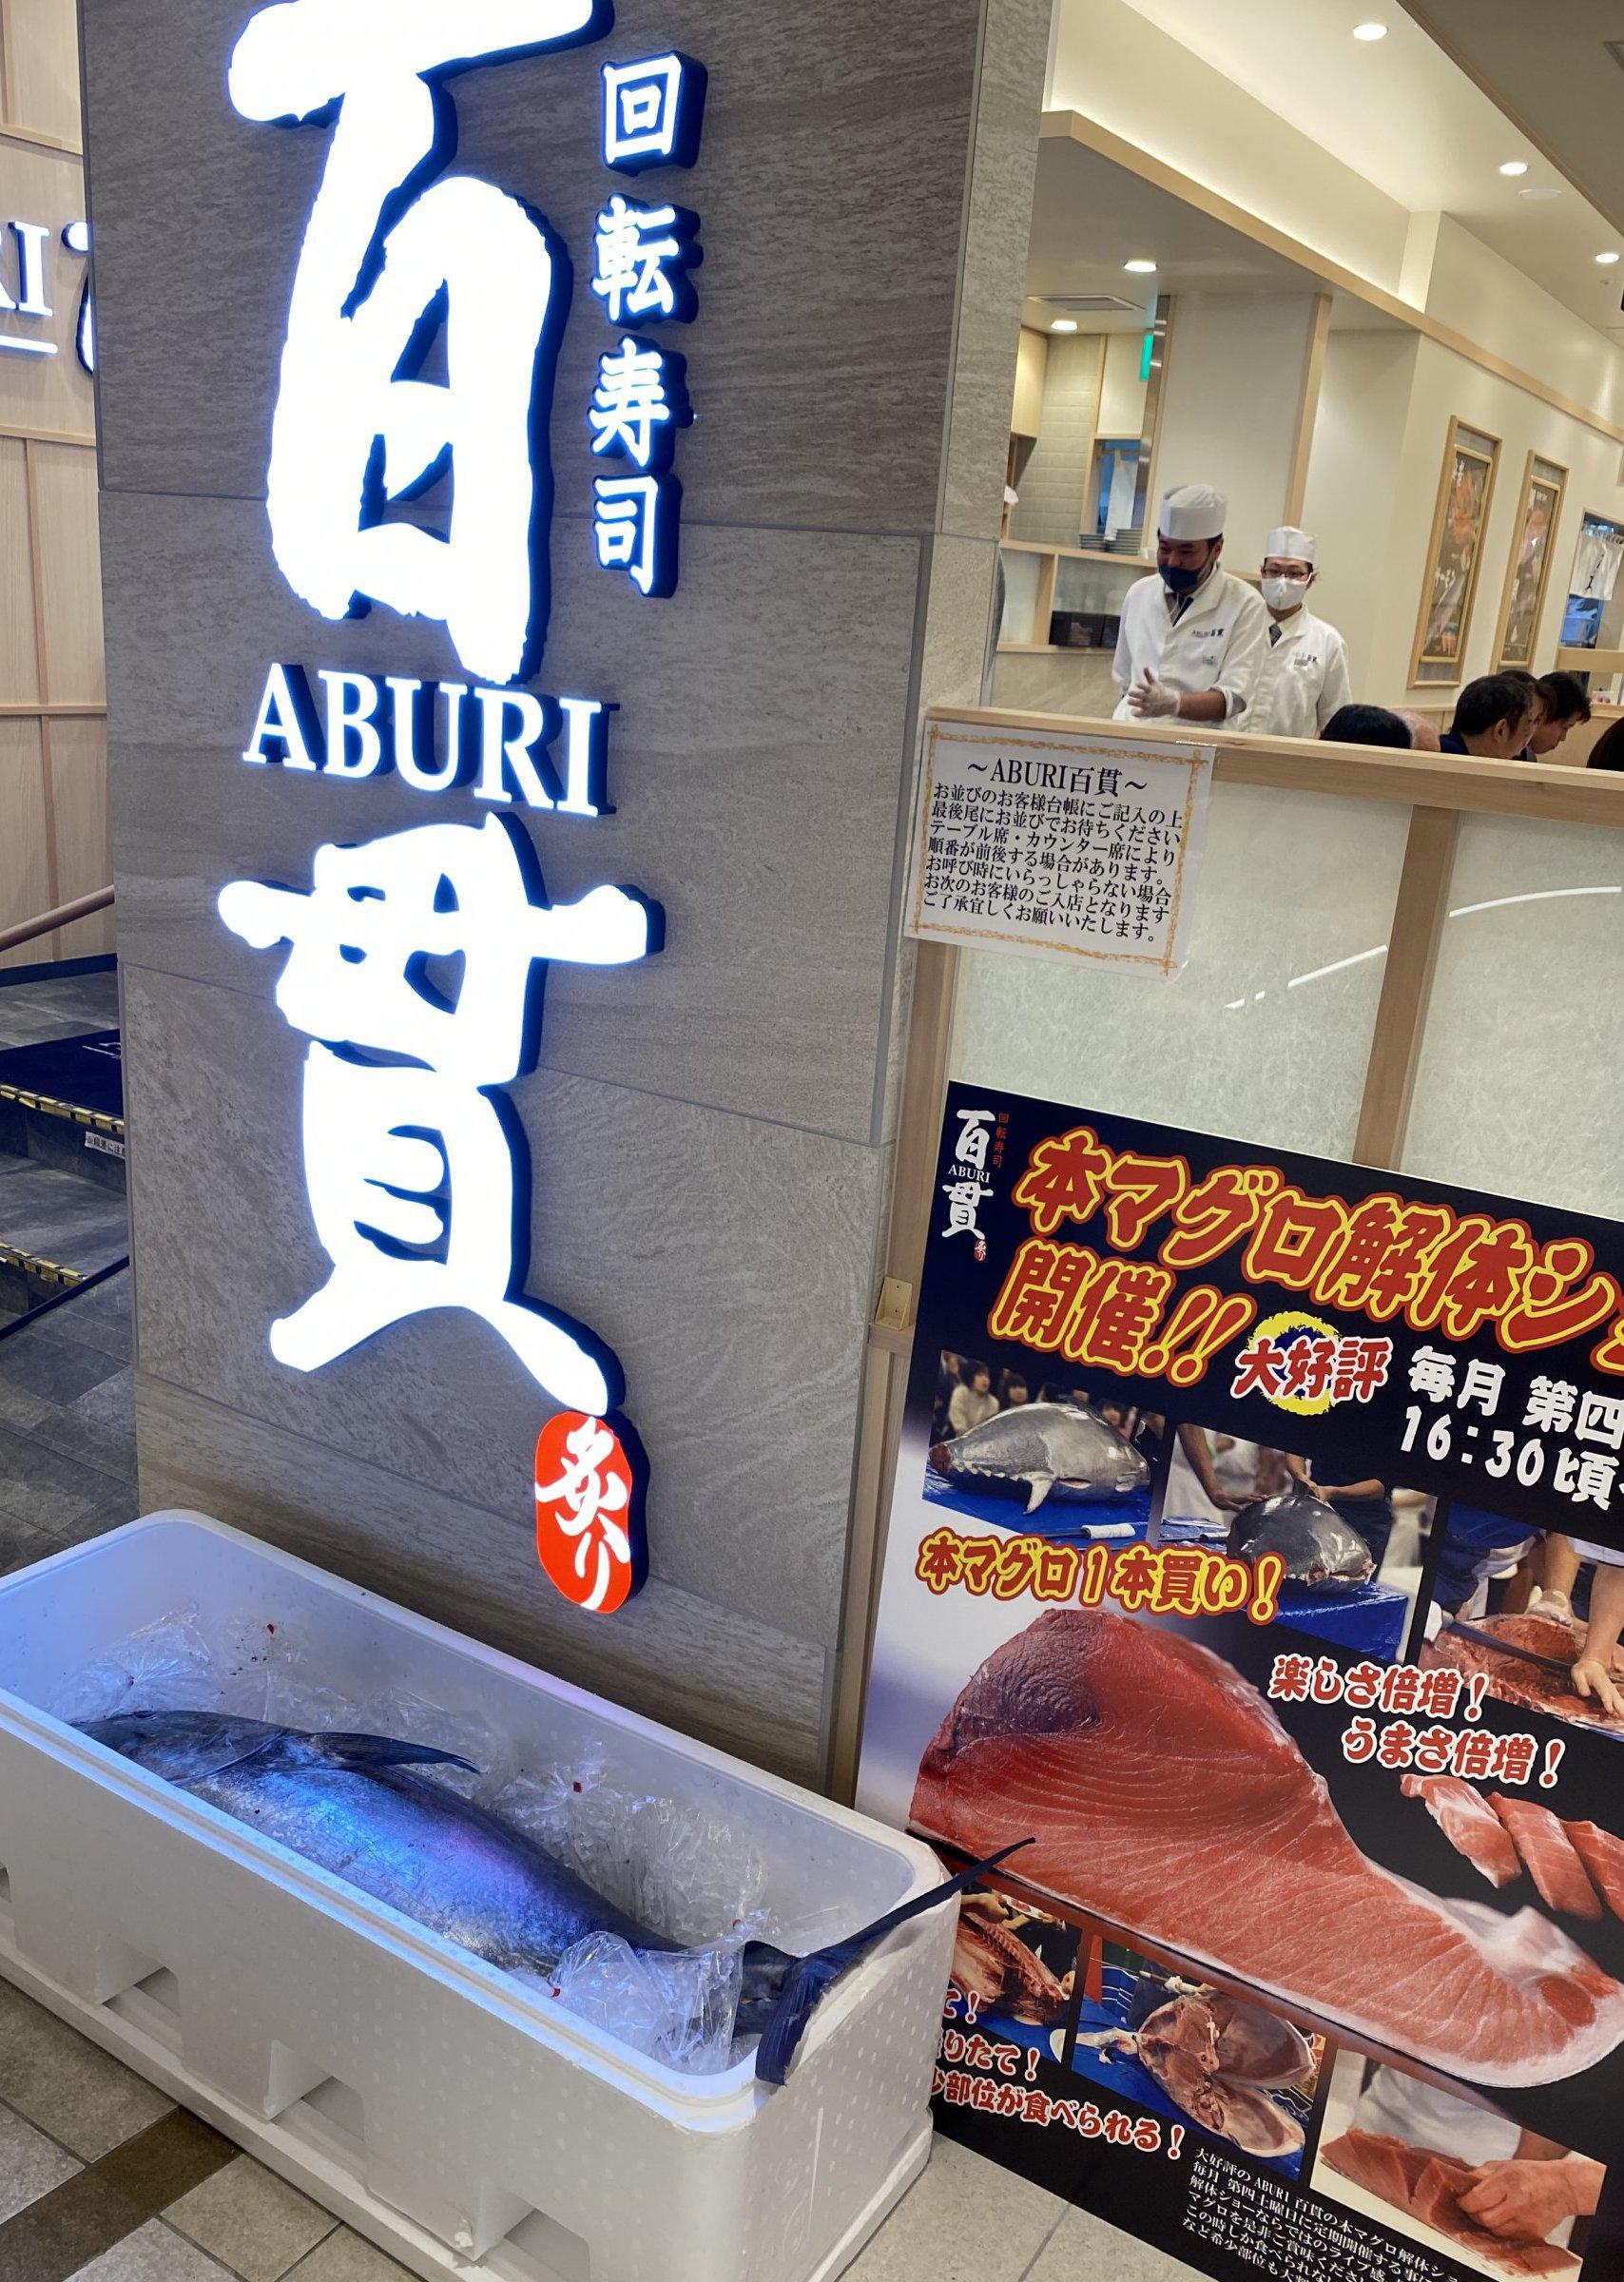 九州初上陸! 「ABURI百貫イオンモール筑紫野店」2020.12.17オープン